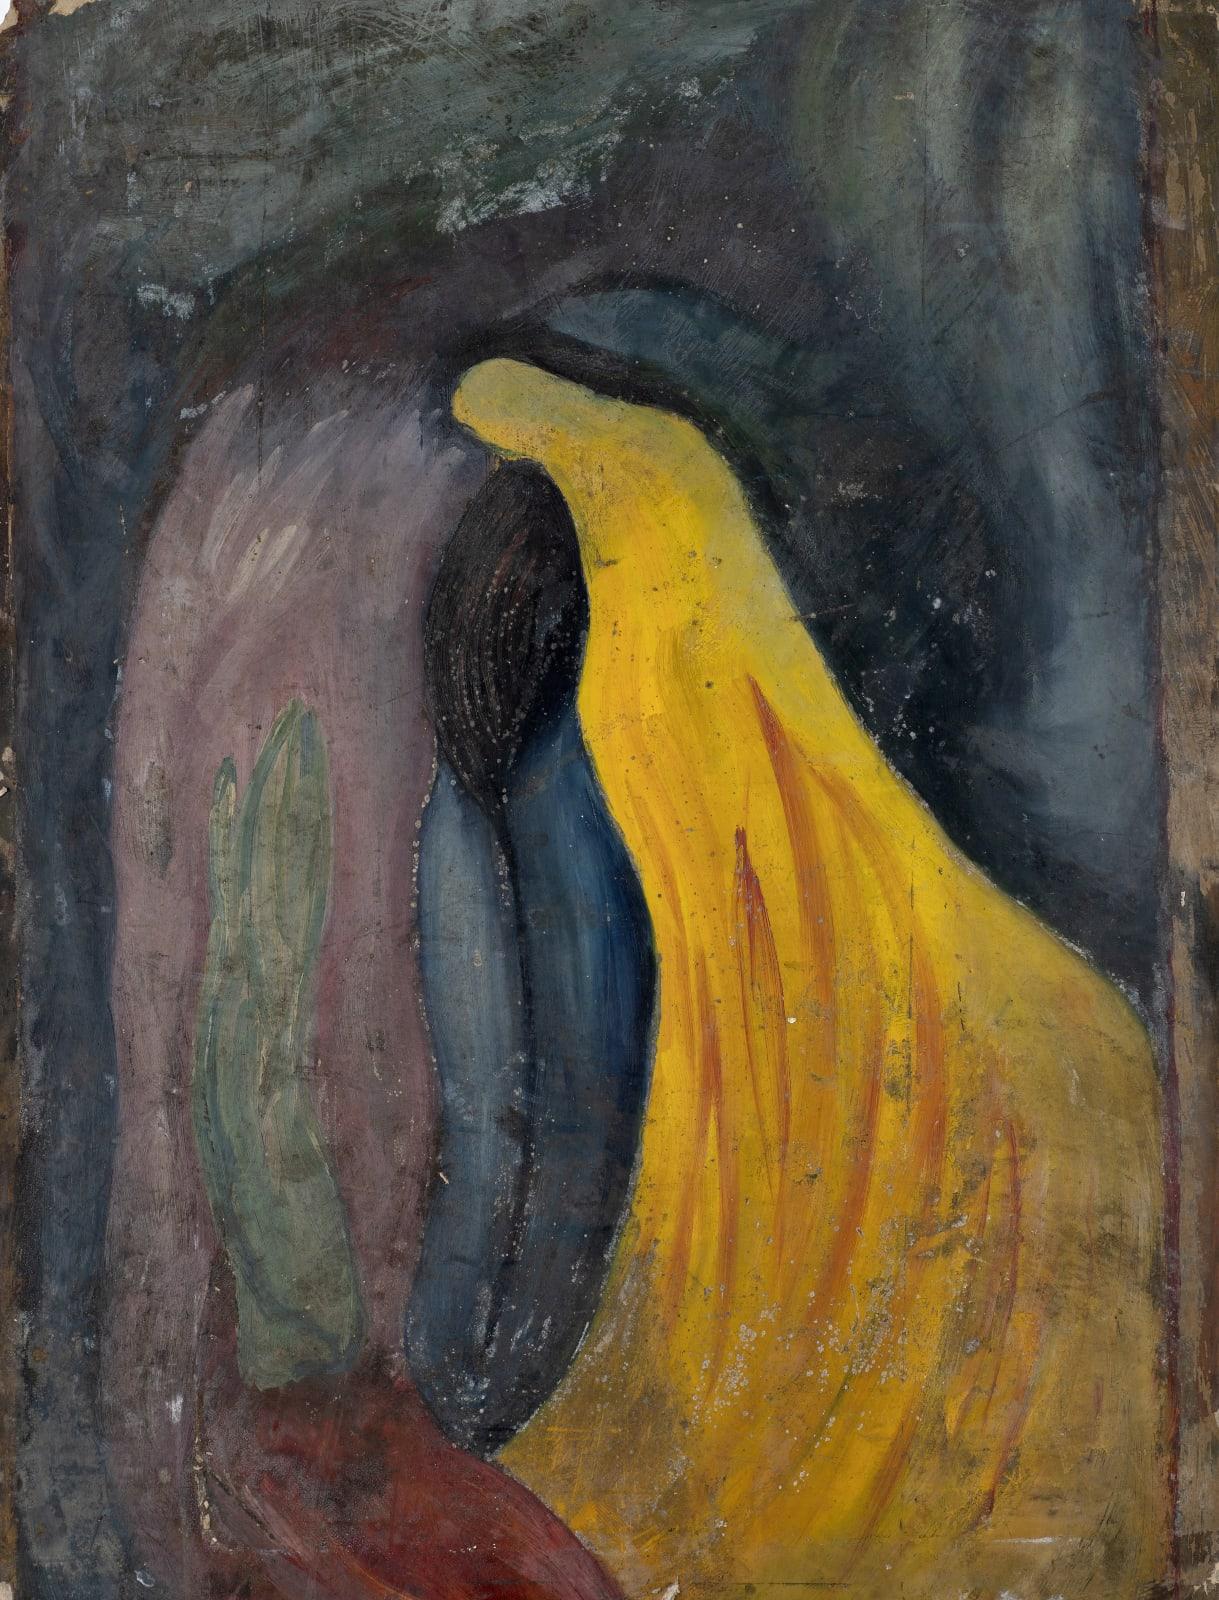 Gustav Metzger Untitled, c. 1945-47 Oil on board, 102 x 76cm. The Gustav Metzger Foundation